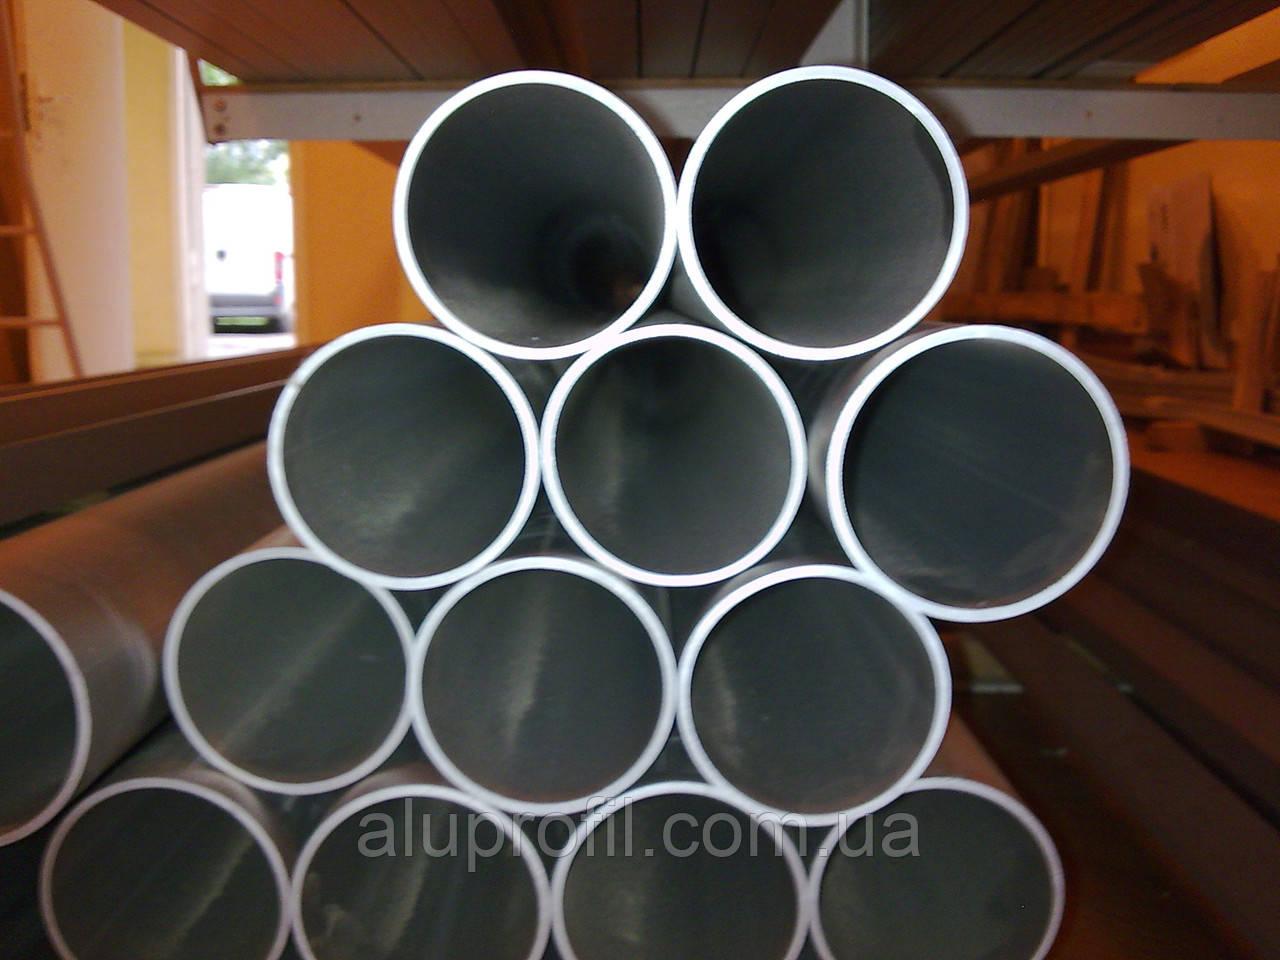 Алюминиевый профиль — труба алюминиевая круглая 50х2